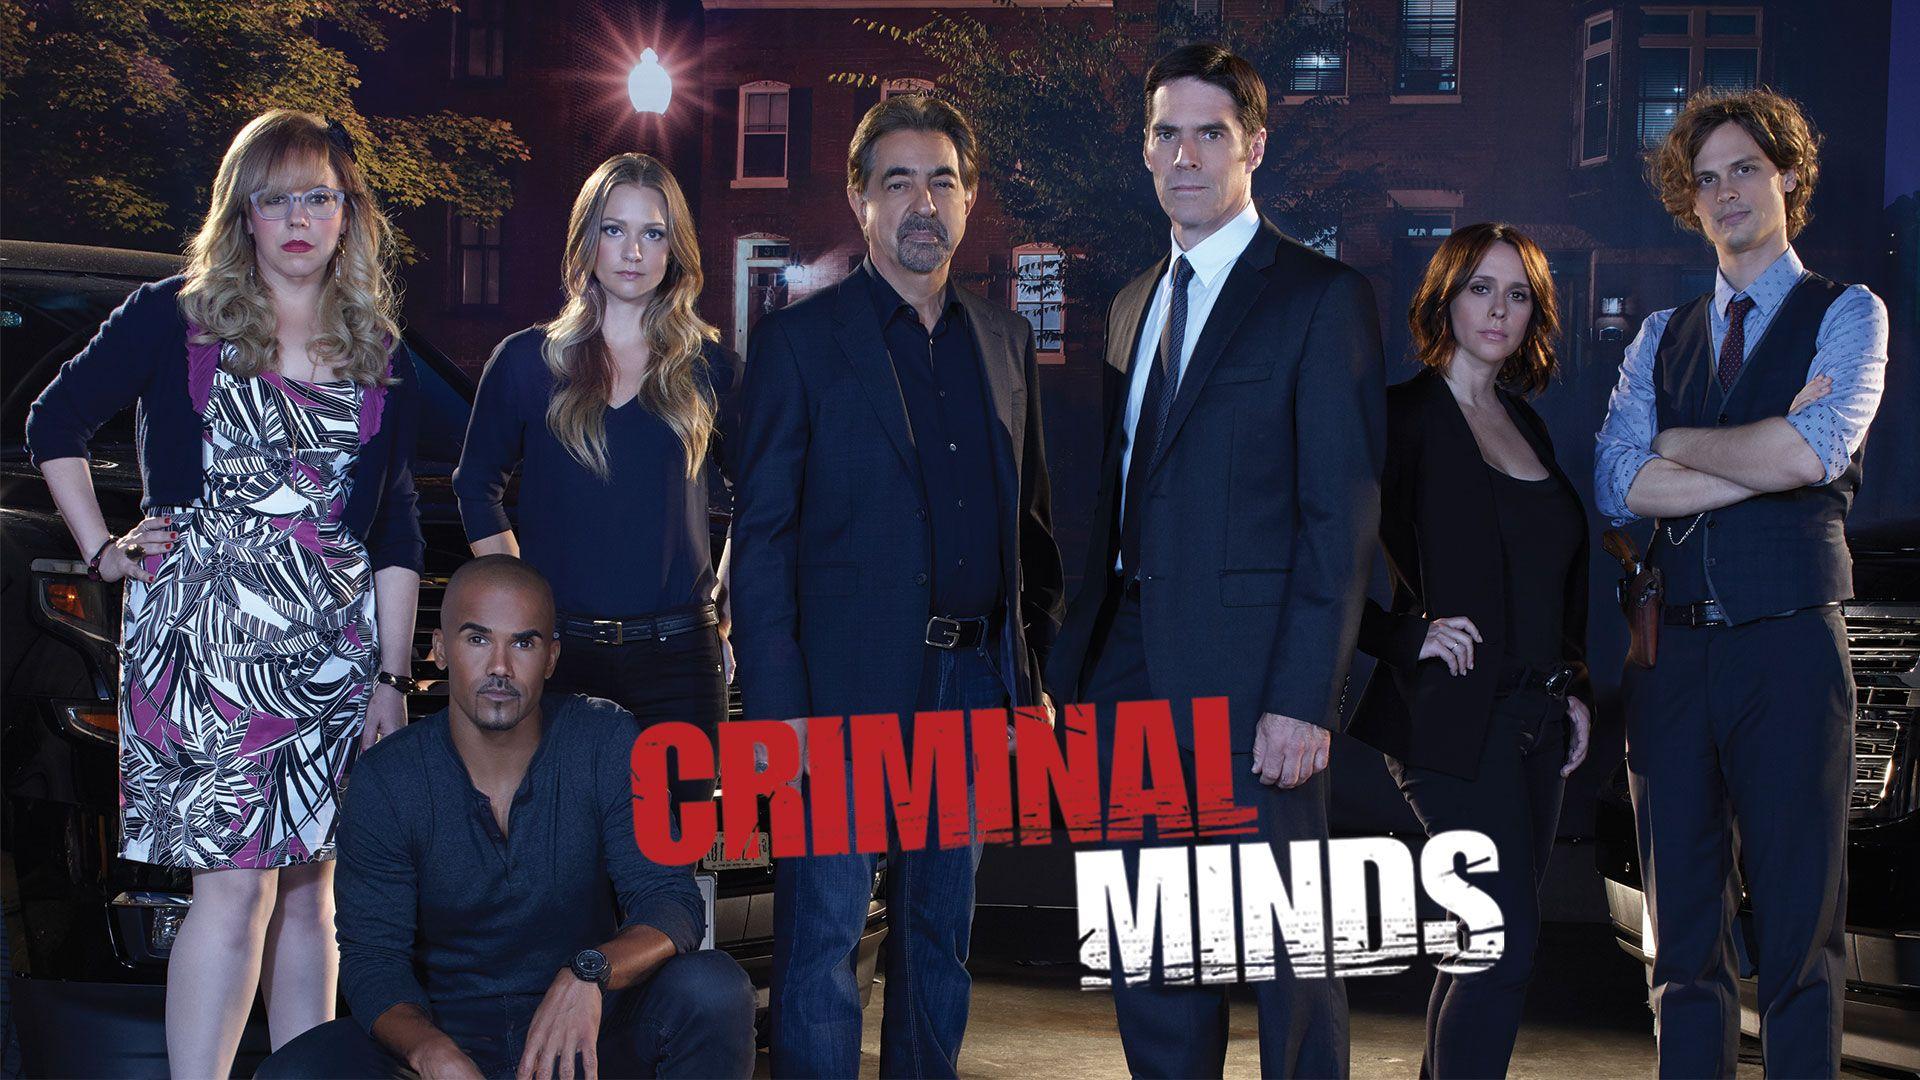 детективный сериал мыслить как преступник